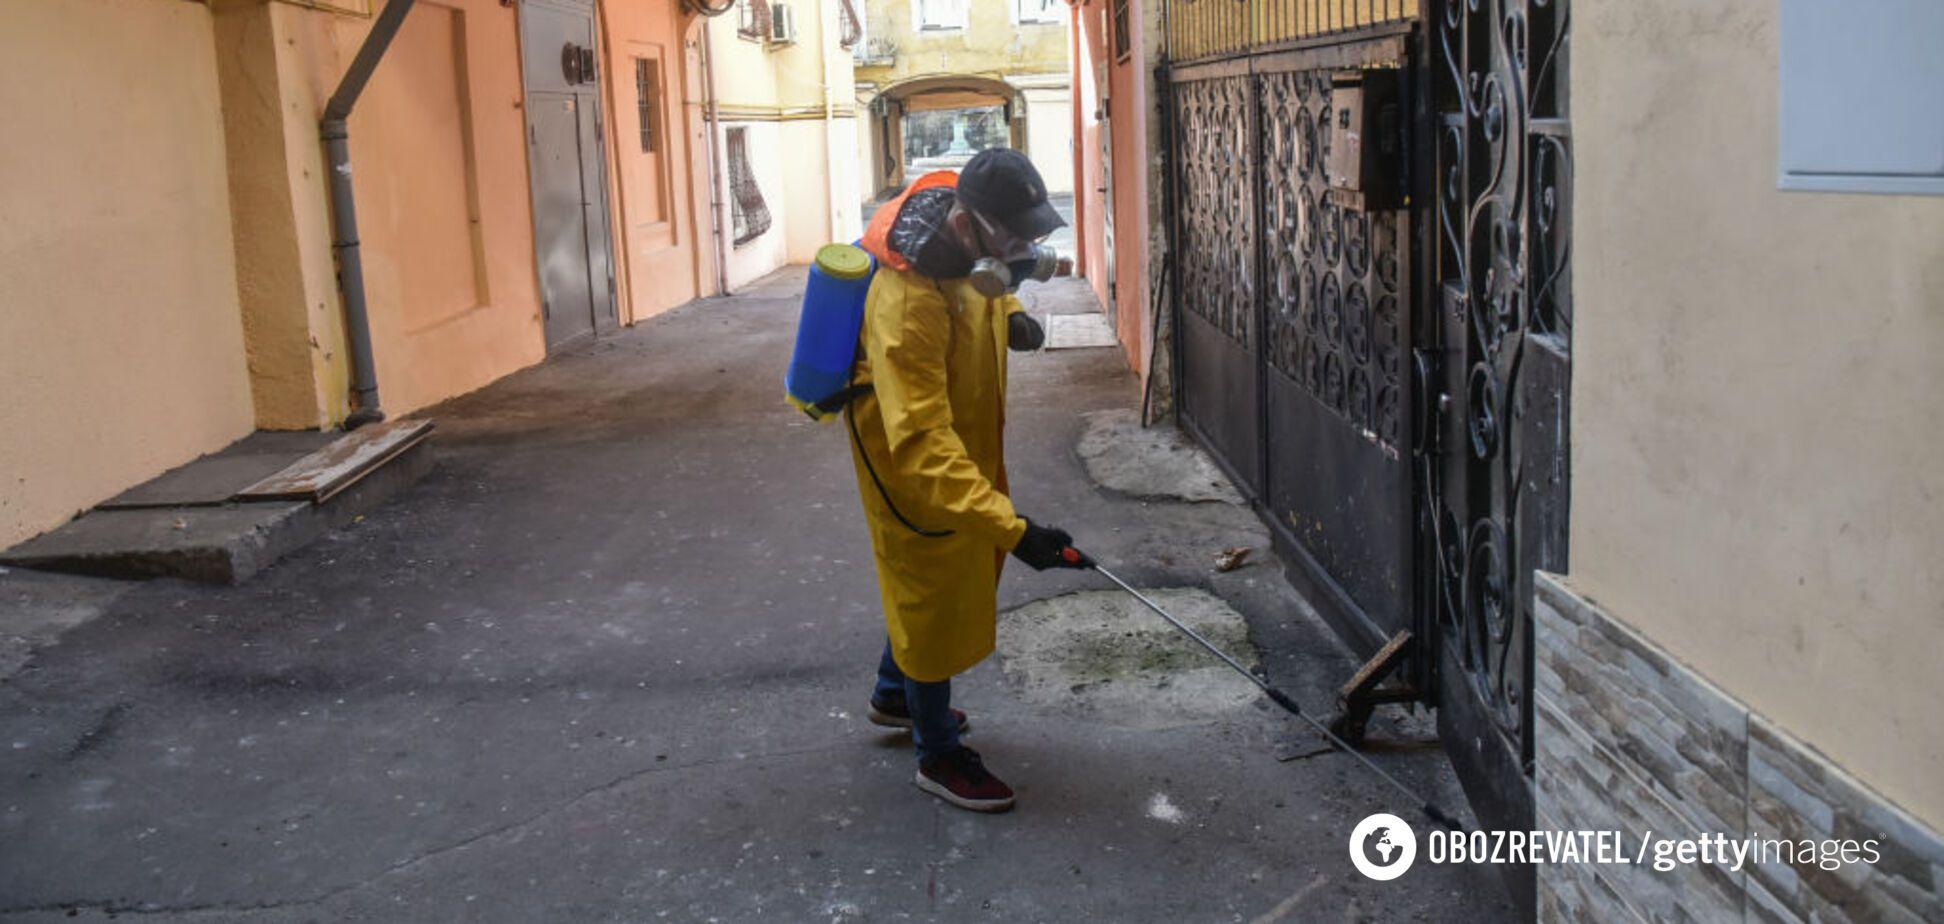 Заразилося 28 людей: у Кам'янці визначили джерело коронавірусу